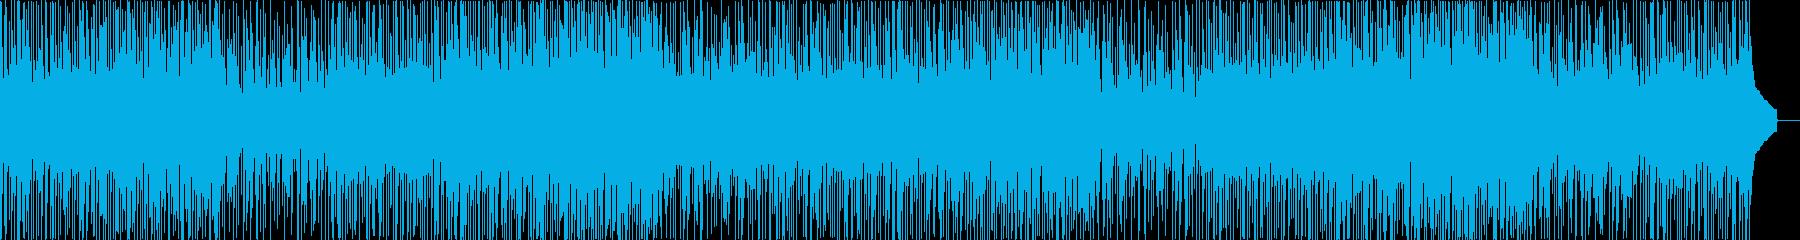 日常、ほのぼの、夏っぽいアコースティックの再生済みの波形